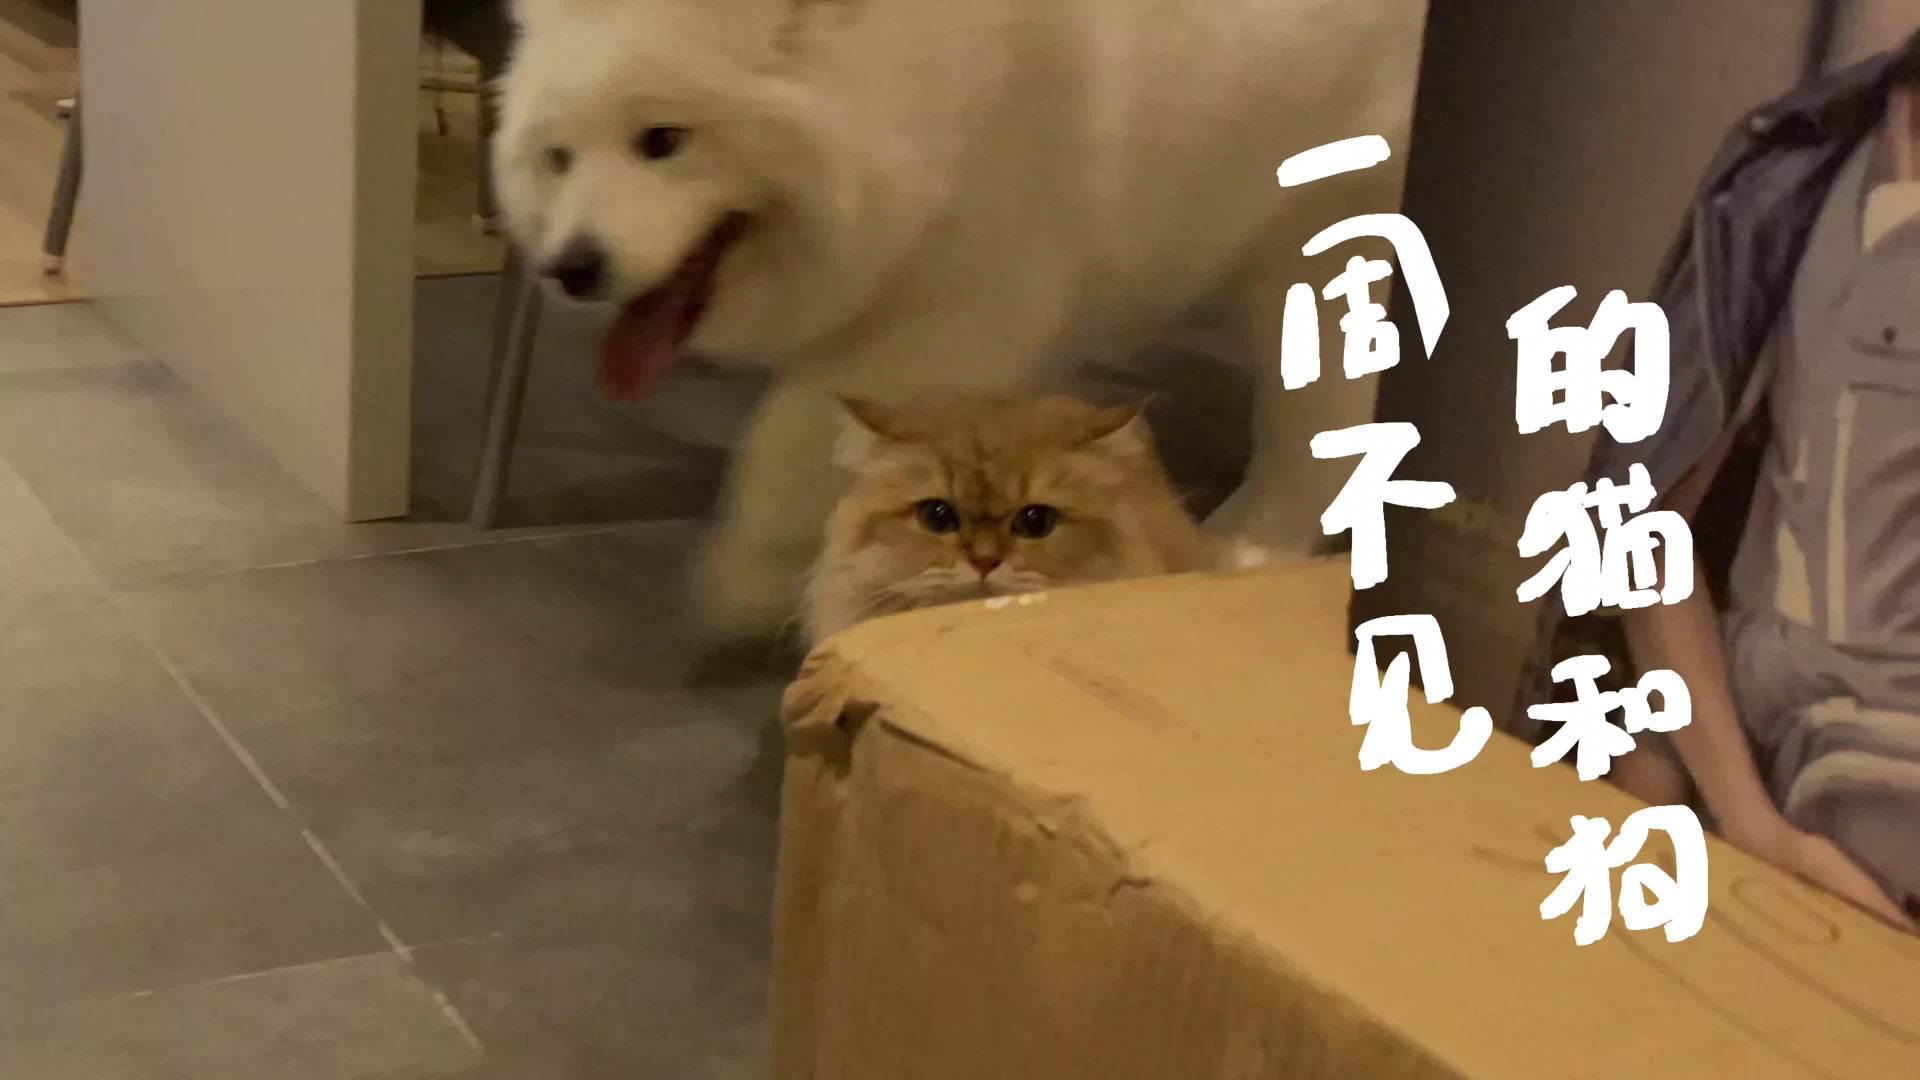 猫和狗表达想念的方式!就是正向和反向表达吧?